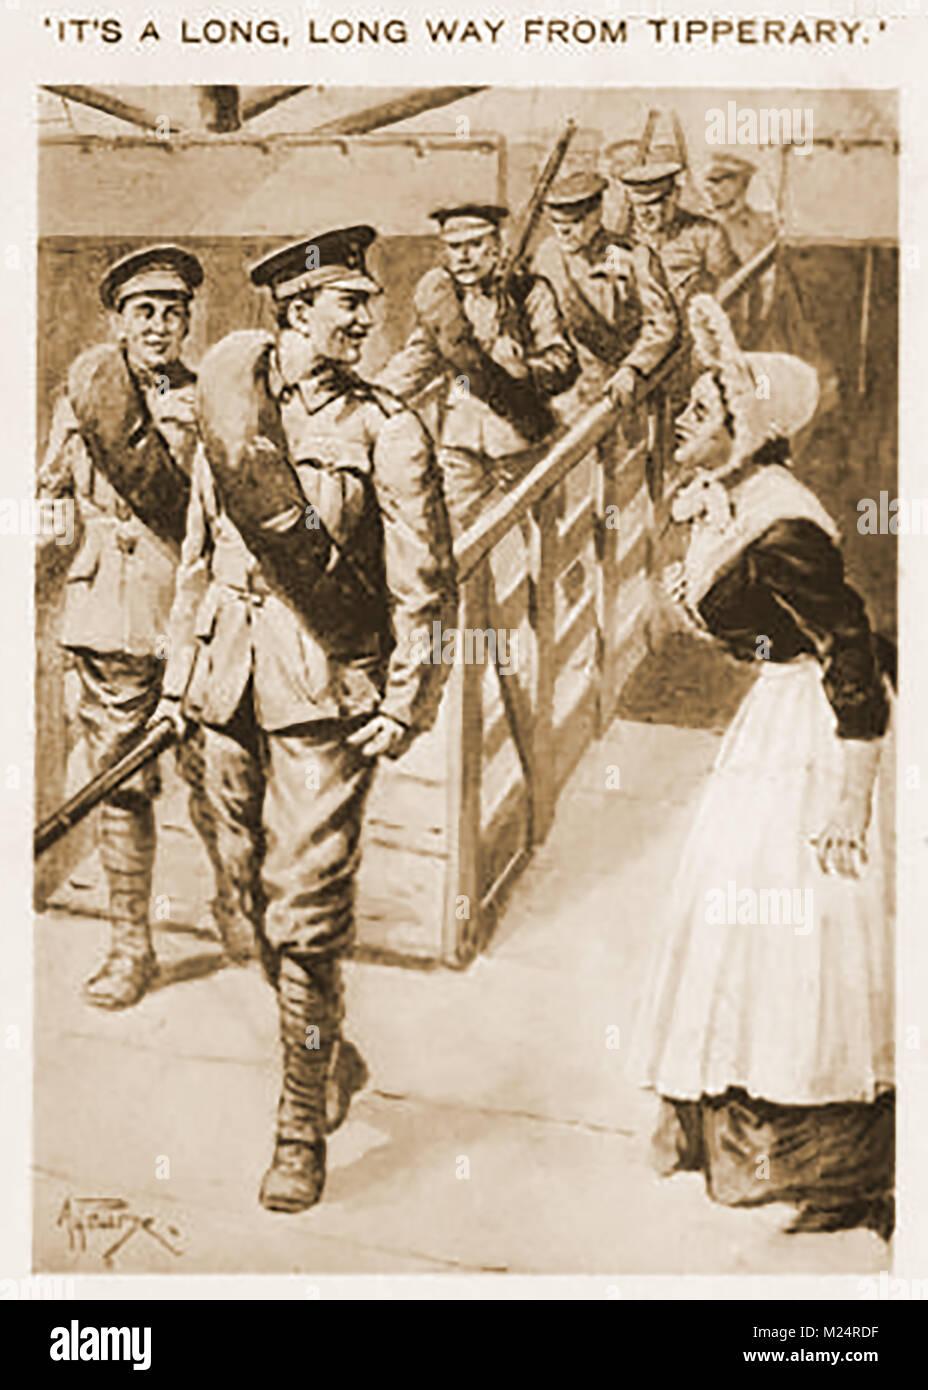 Erster Weltkrieg (1914-1918) aka Der Große Krieg oder Weltkrieg - Grabenkämpfe - Irische Soldaten Landung in Calais Stockfoto